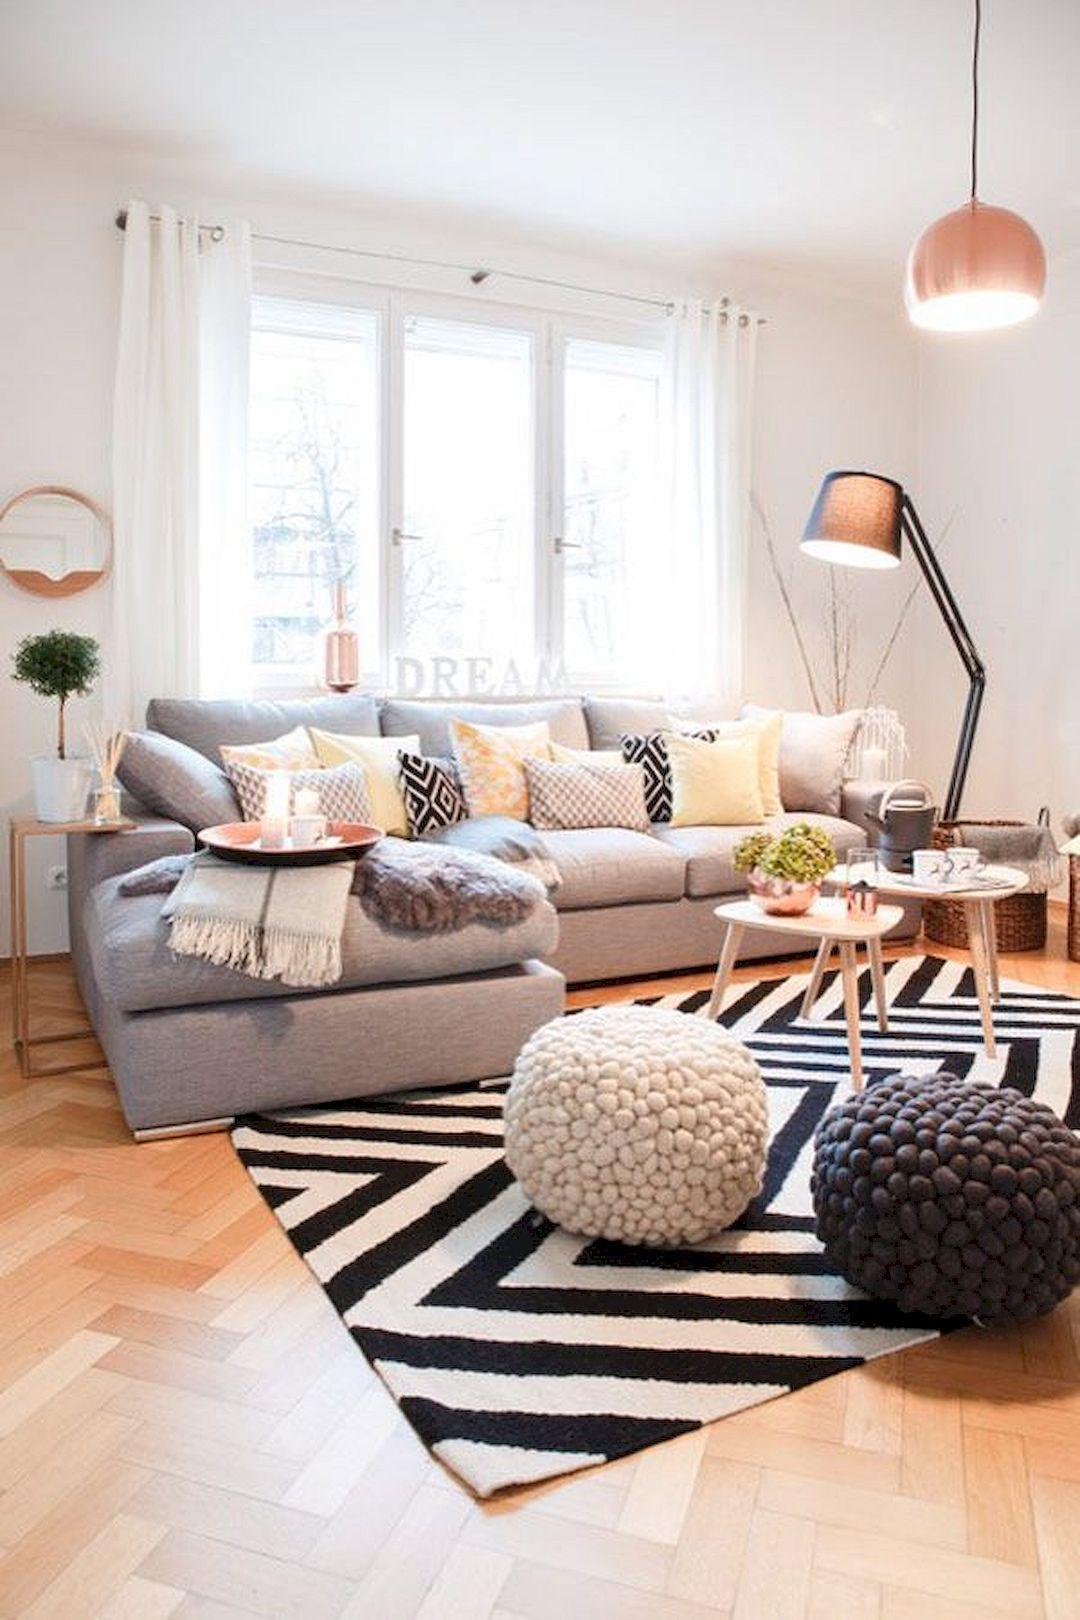 Pin on Gorgeous Interior Ideas